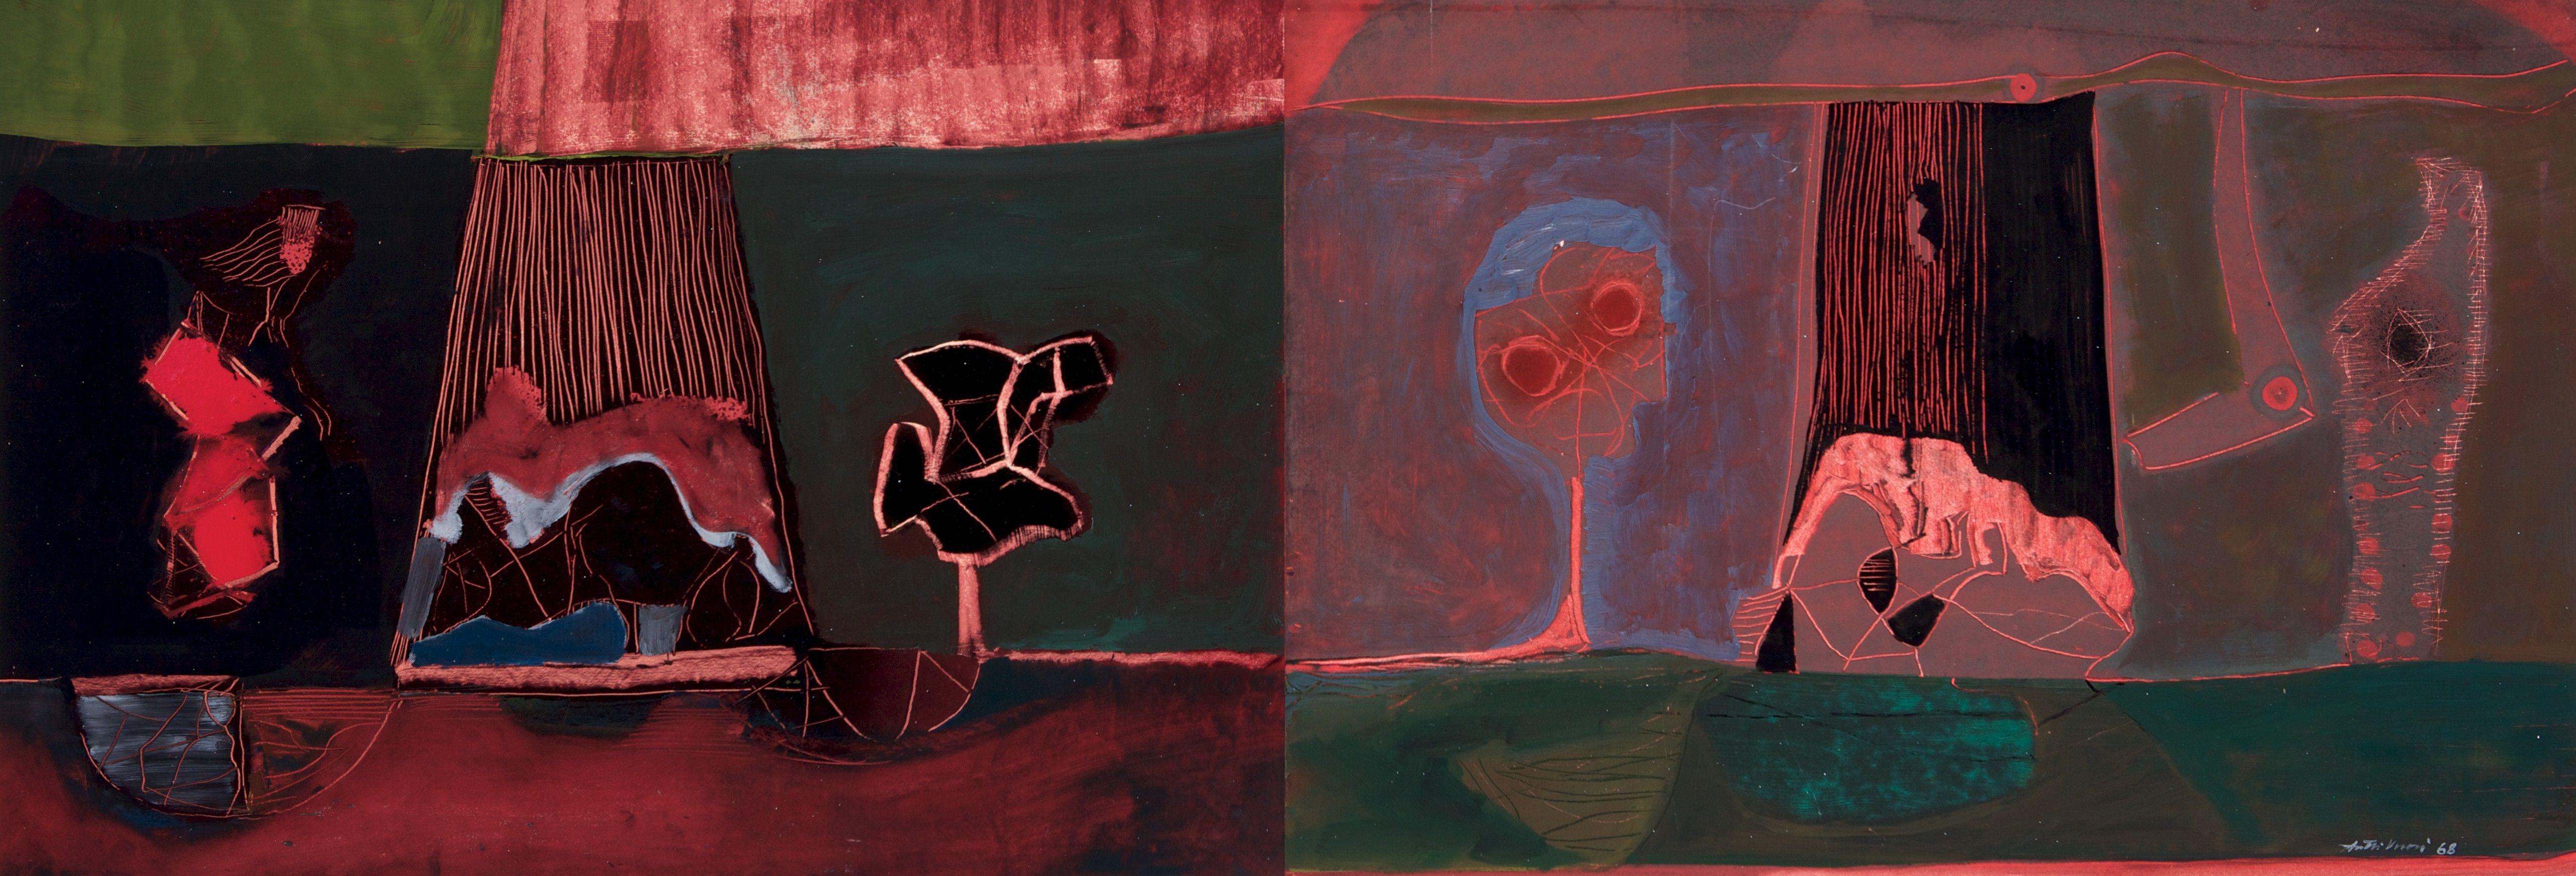 Antti Vuori: Muotoja, 1968, öljy, 41x120 cm - Hagelstam K131